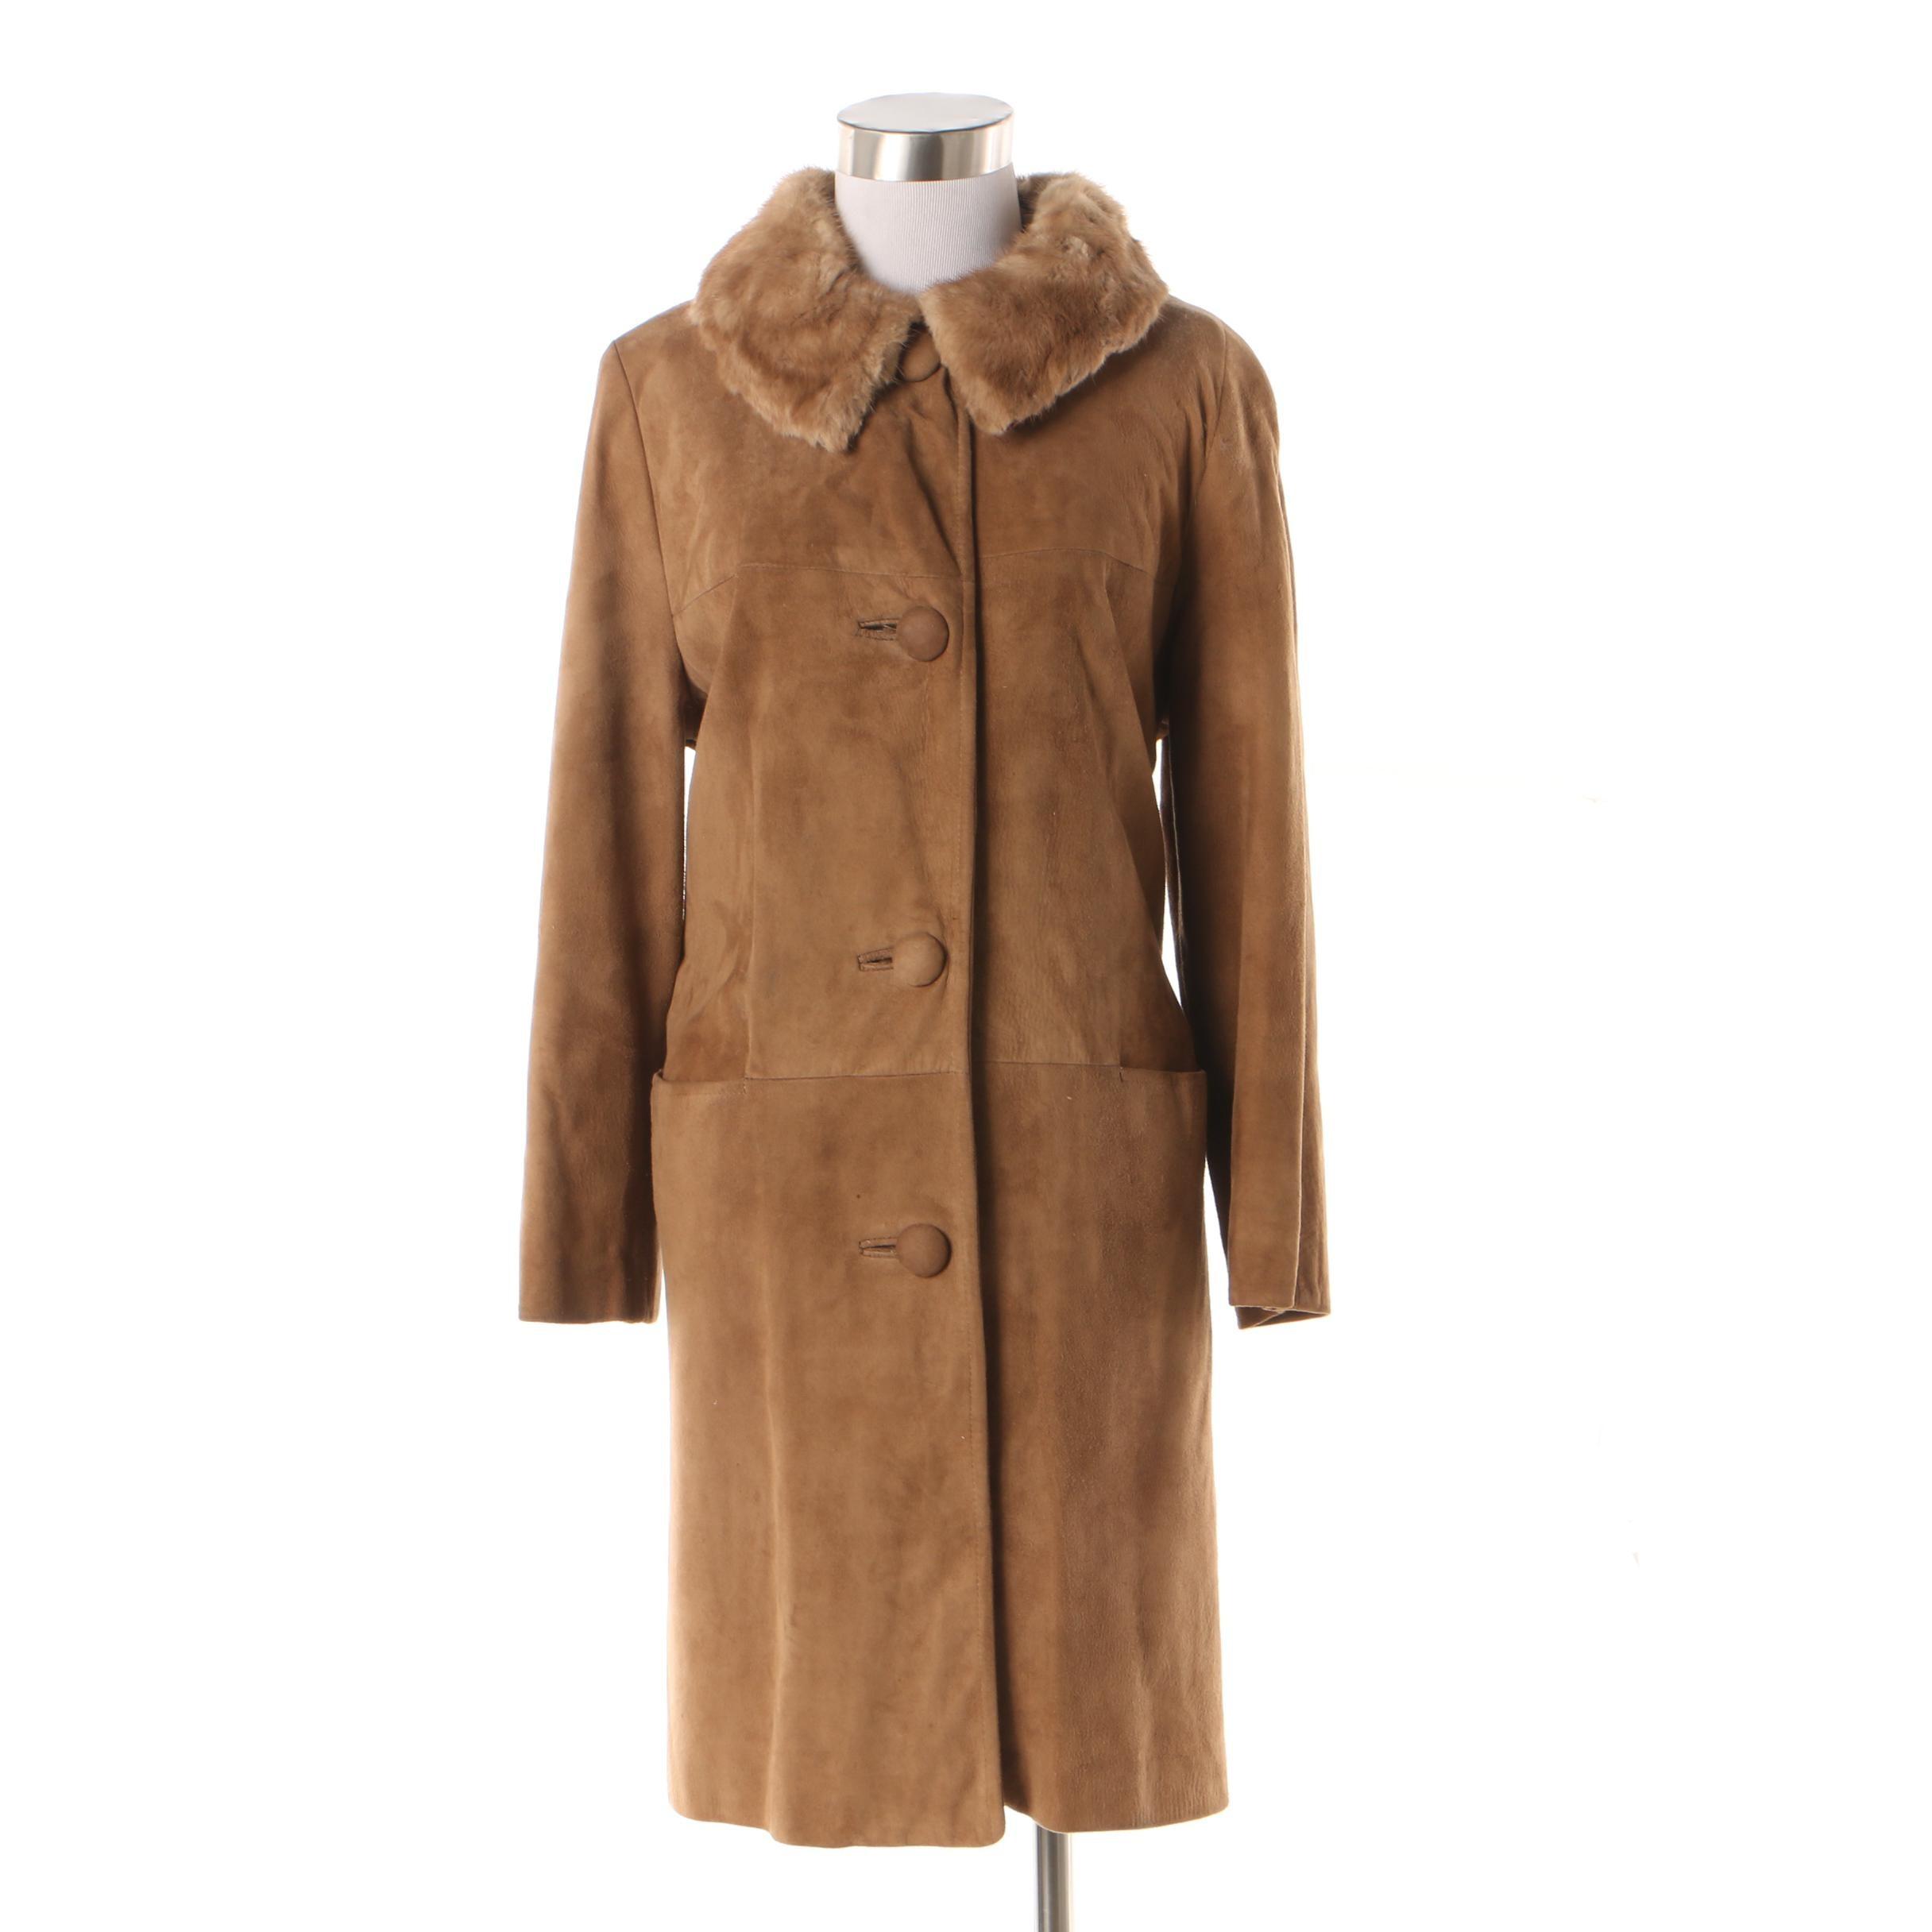 Women's Light Brown Suede Coat with Mink Fur Collar